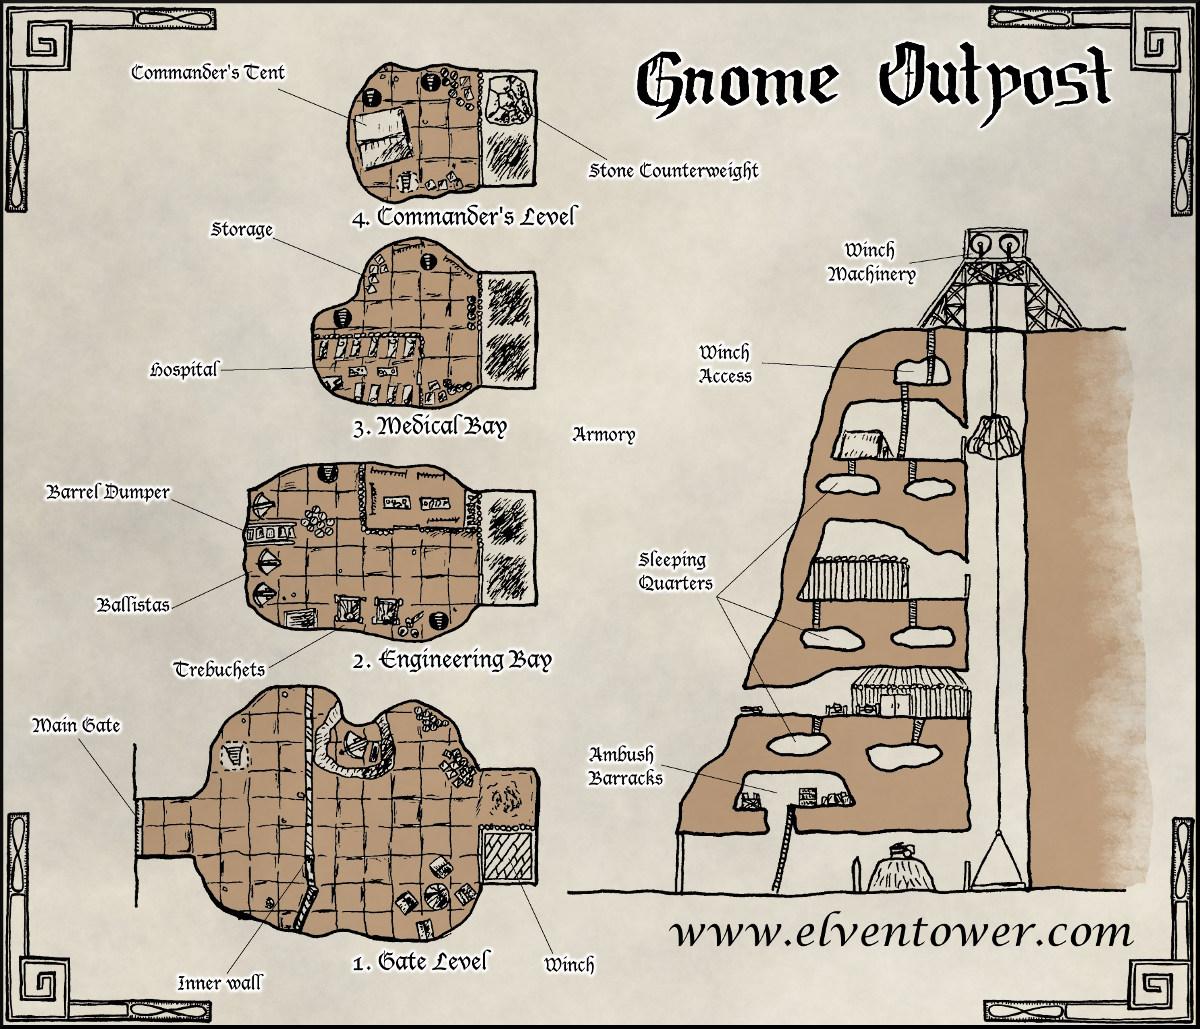 45 Gnome OutpostL